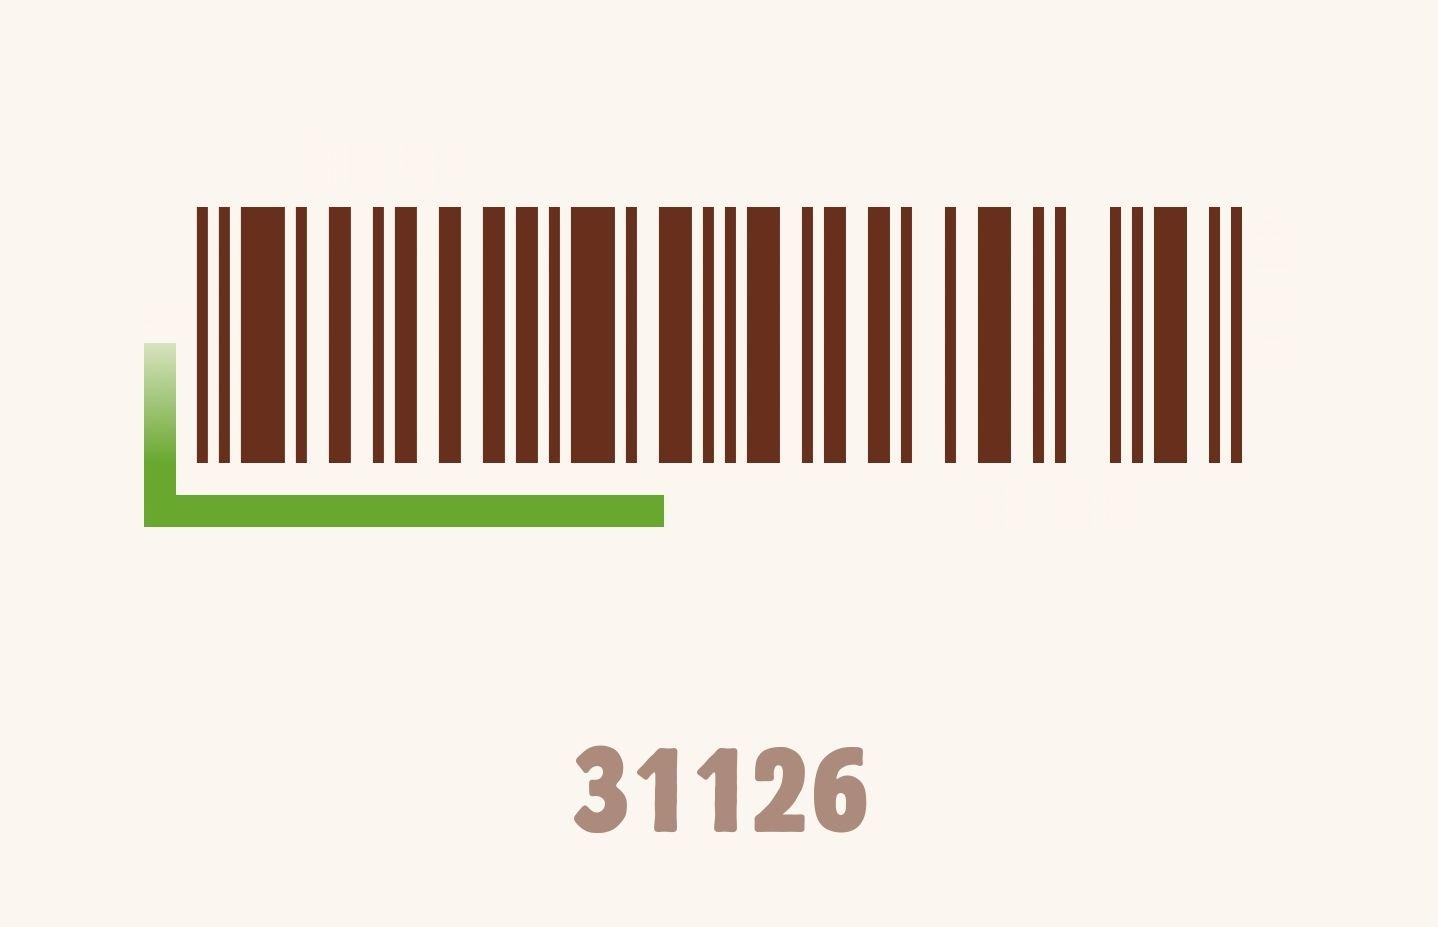 1349767.jpg